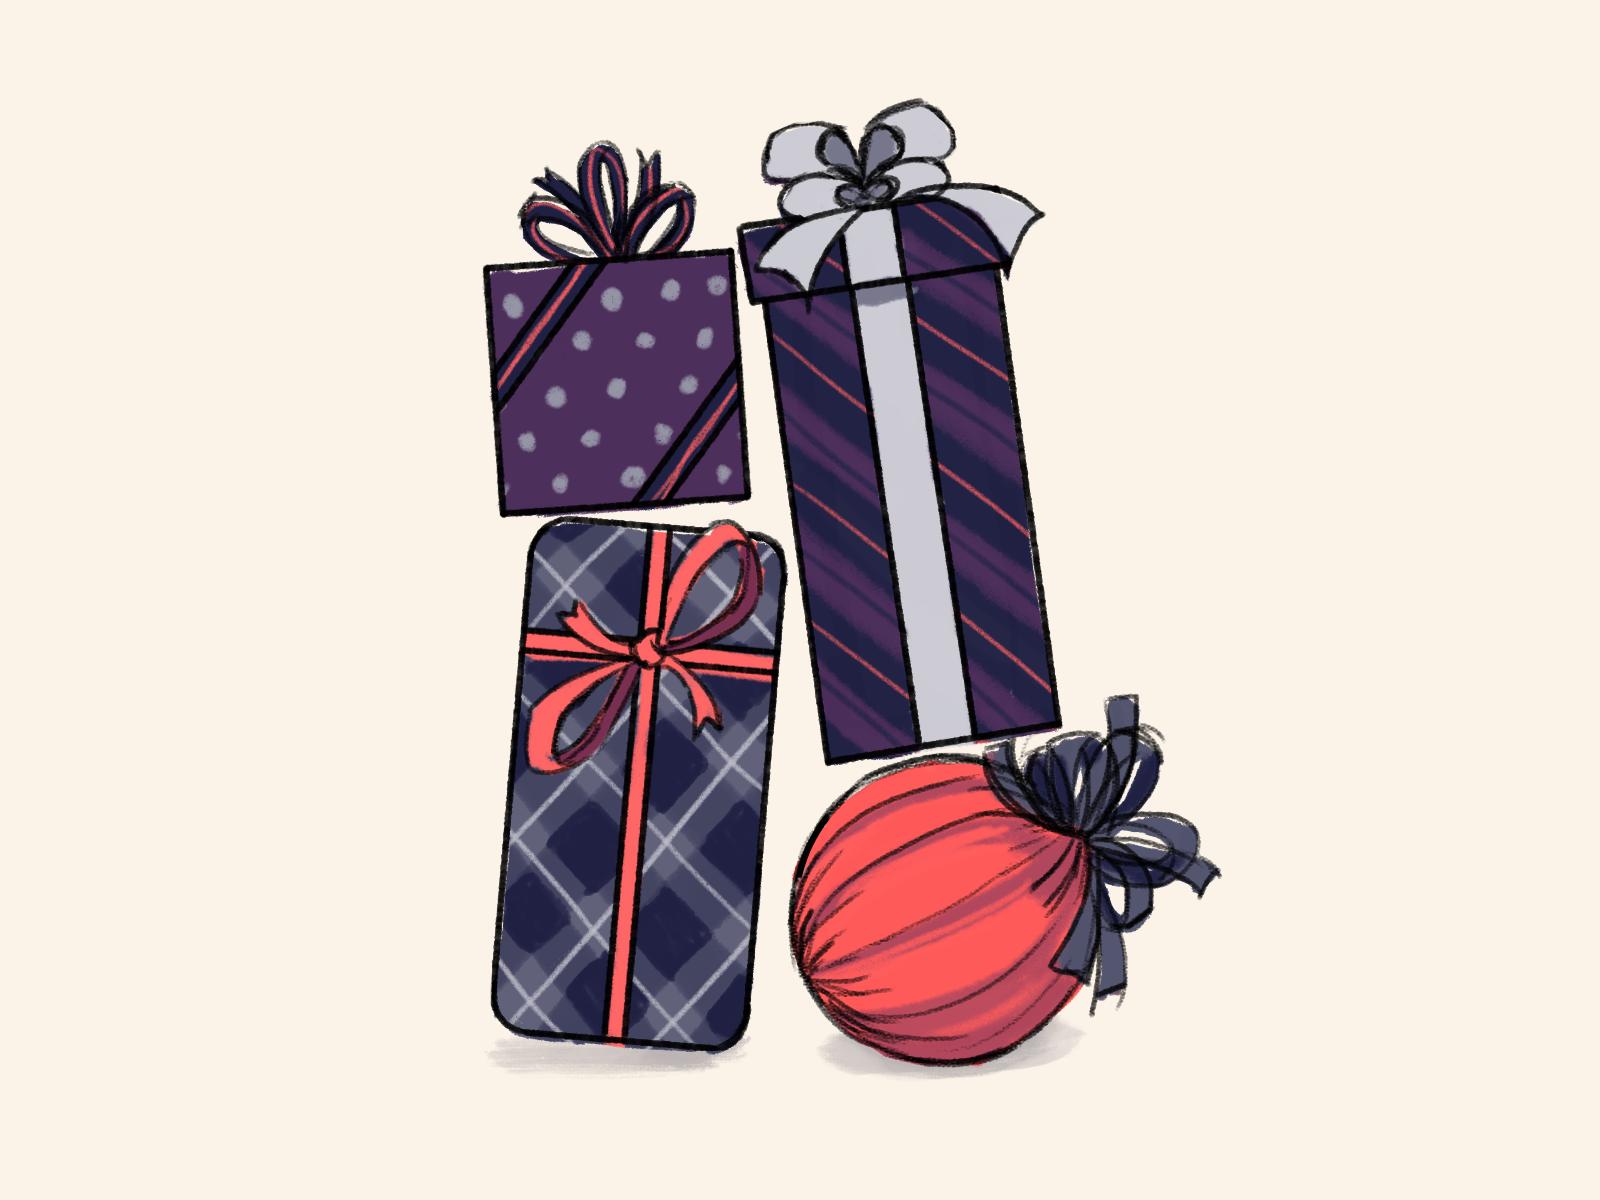 Holidaycard 2018 sketch